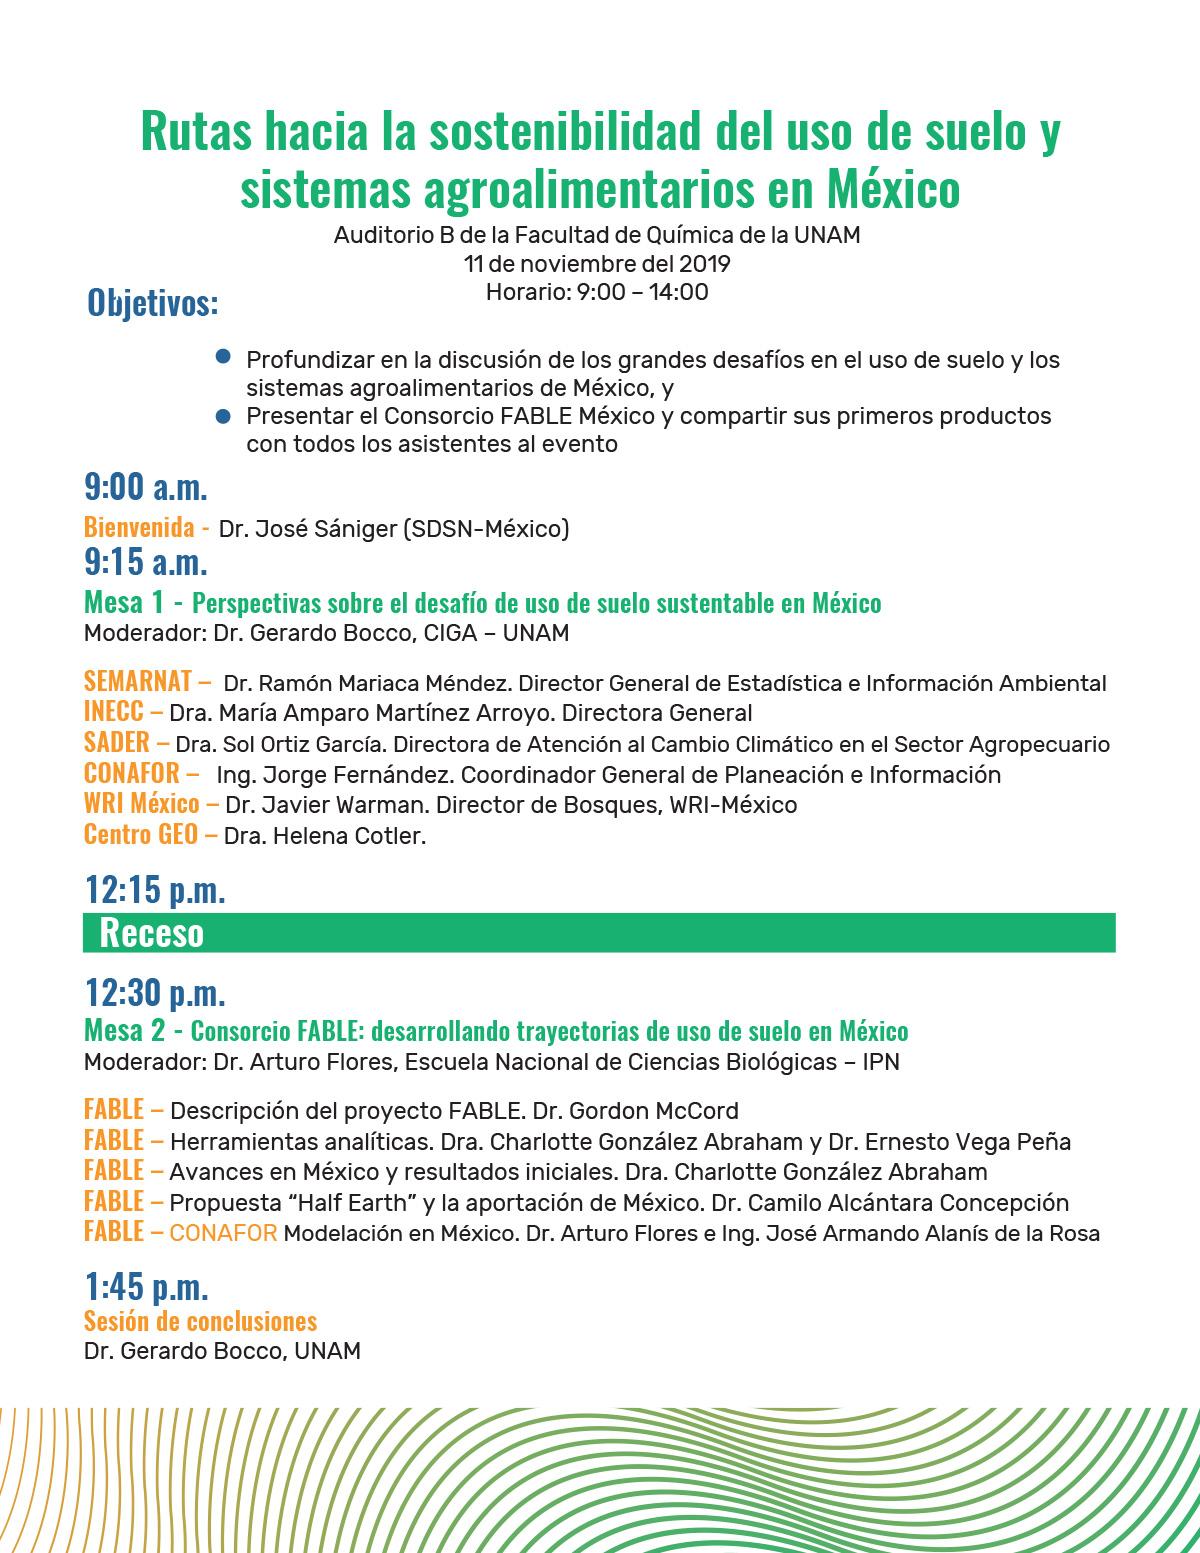 Agenda Fable, SDSN México